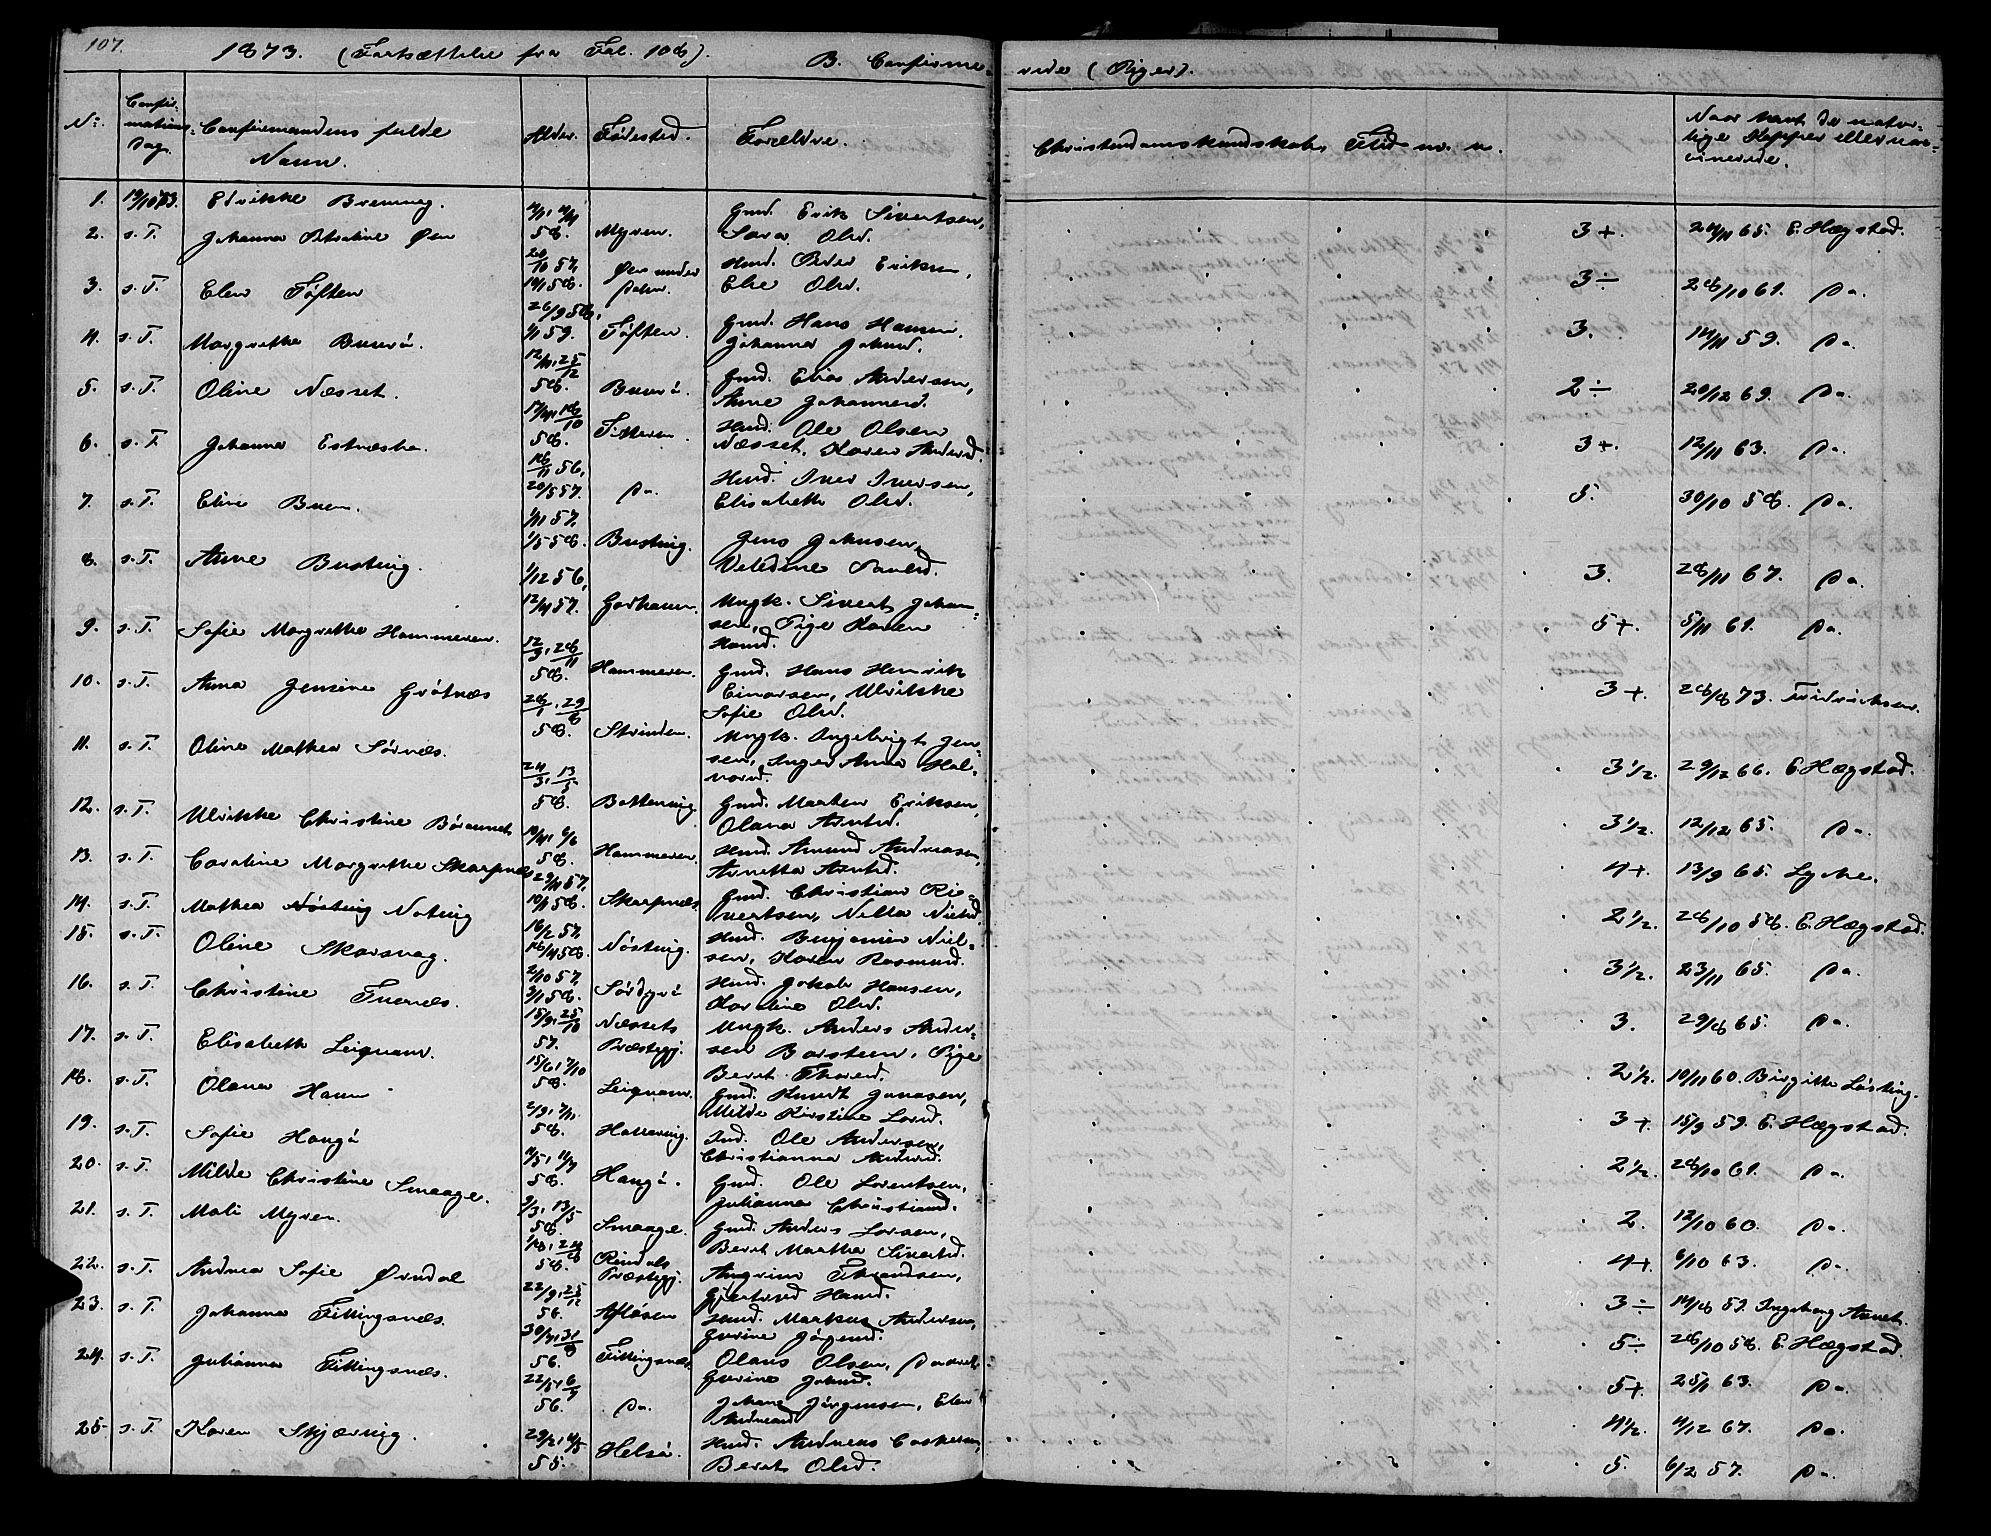 SAT, Ministerialprotokoller, klokkerbøker og fødselsregistre - Sør-Trøndelag, 634/L0539: Klokkerbok nr. 634C01, 1866-1873, s. 107